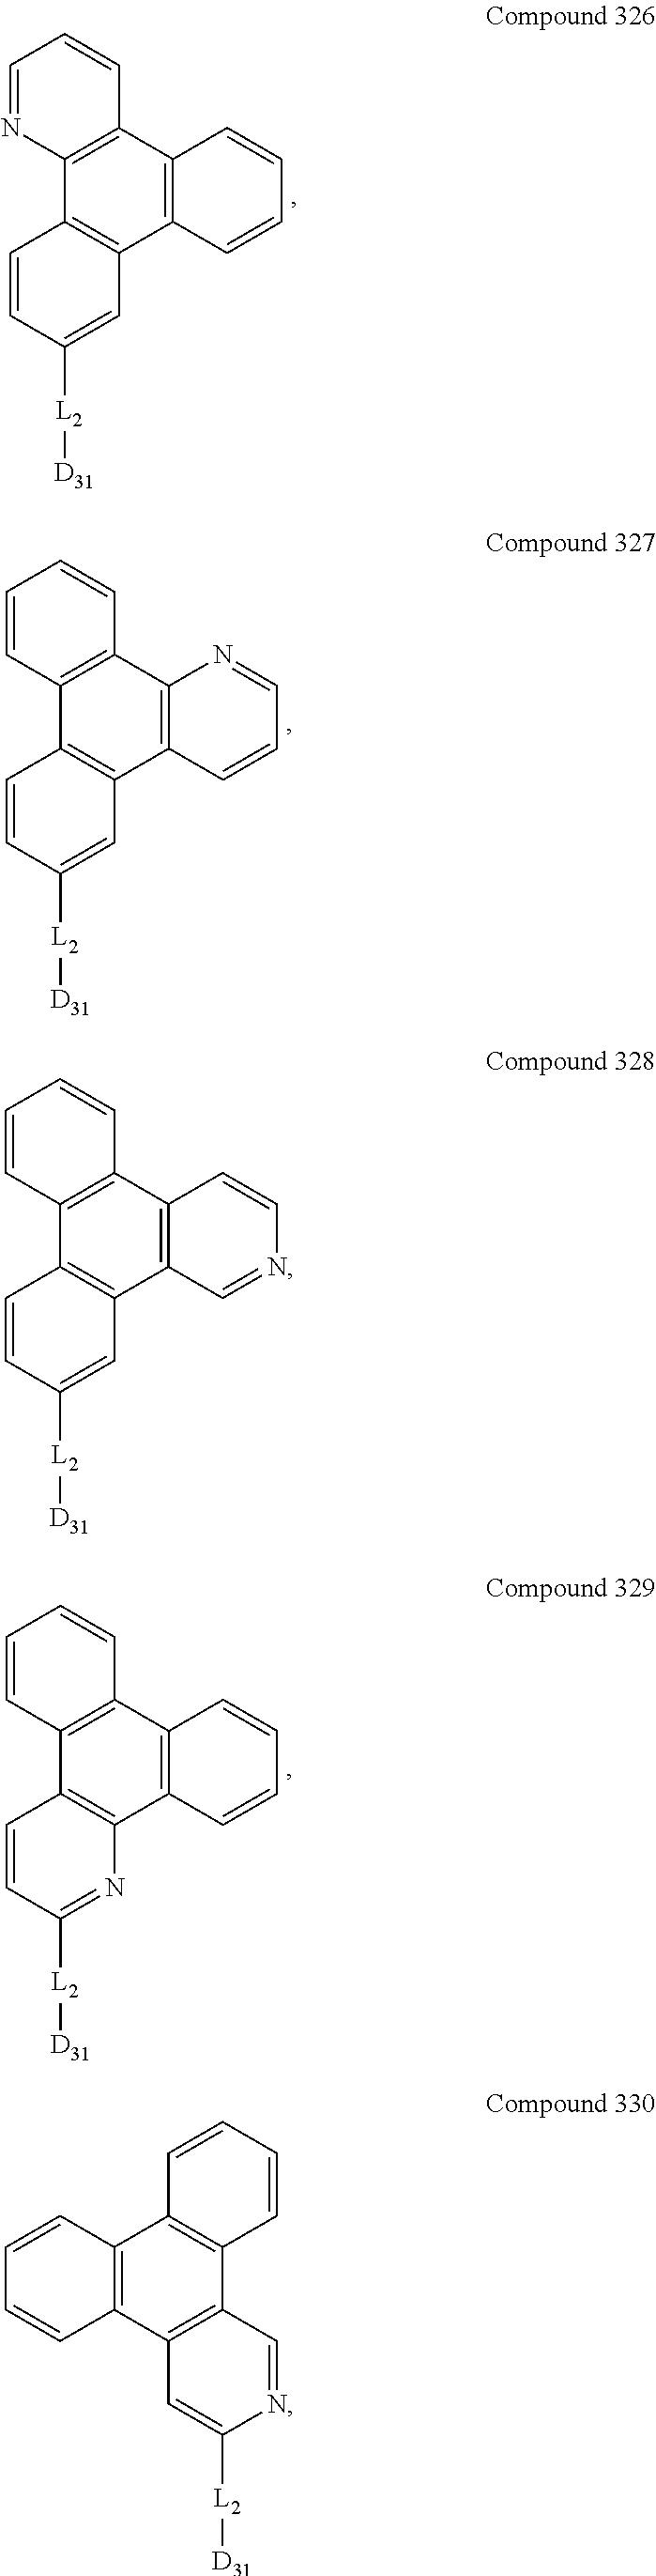 Figure US09537106-20170103-C00221